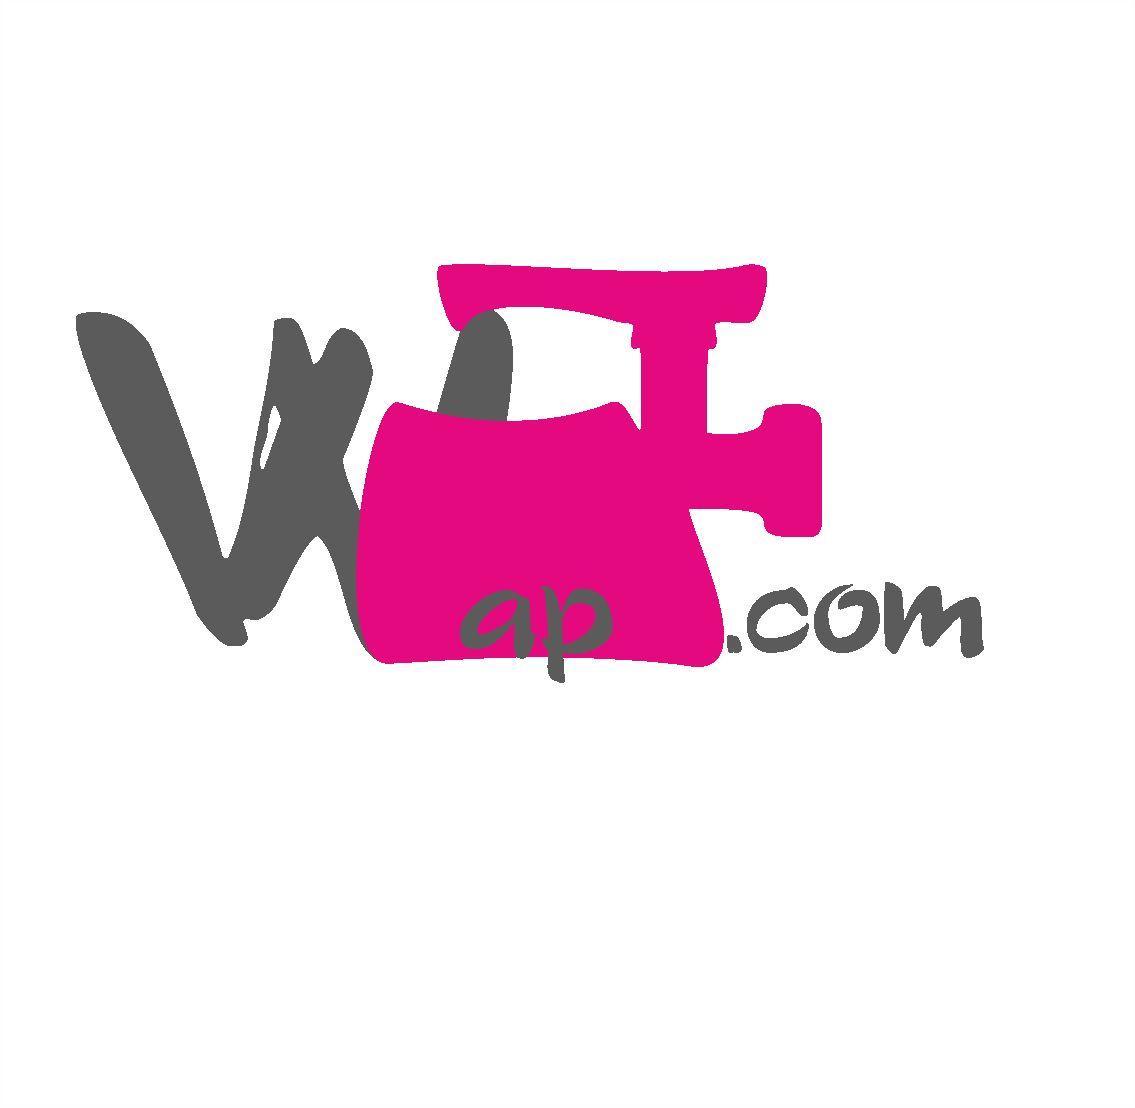 Логотип для мобильной партнерской программы - дизайнер KovalevaV8